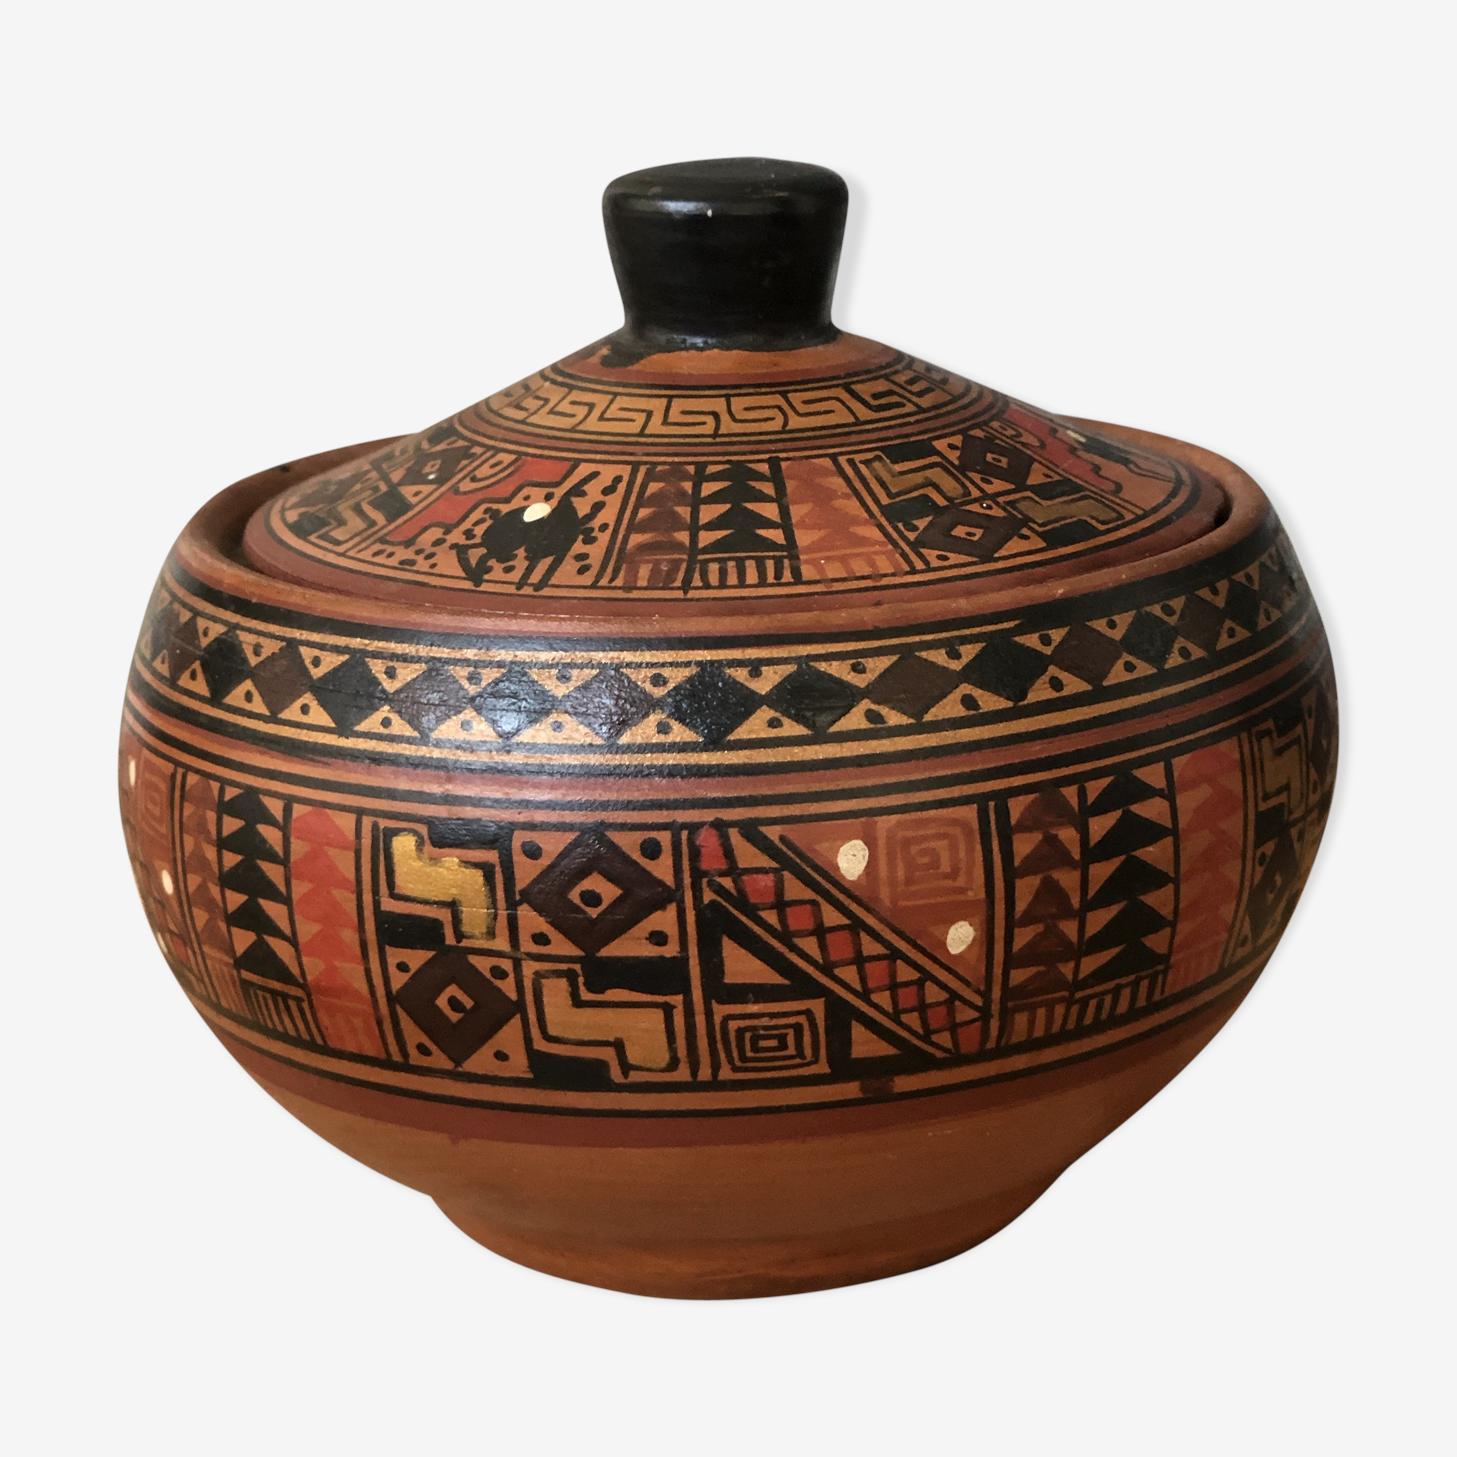 Pot style in earthen Hector ethnic motifs